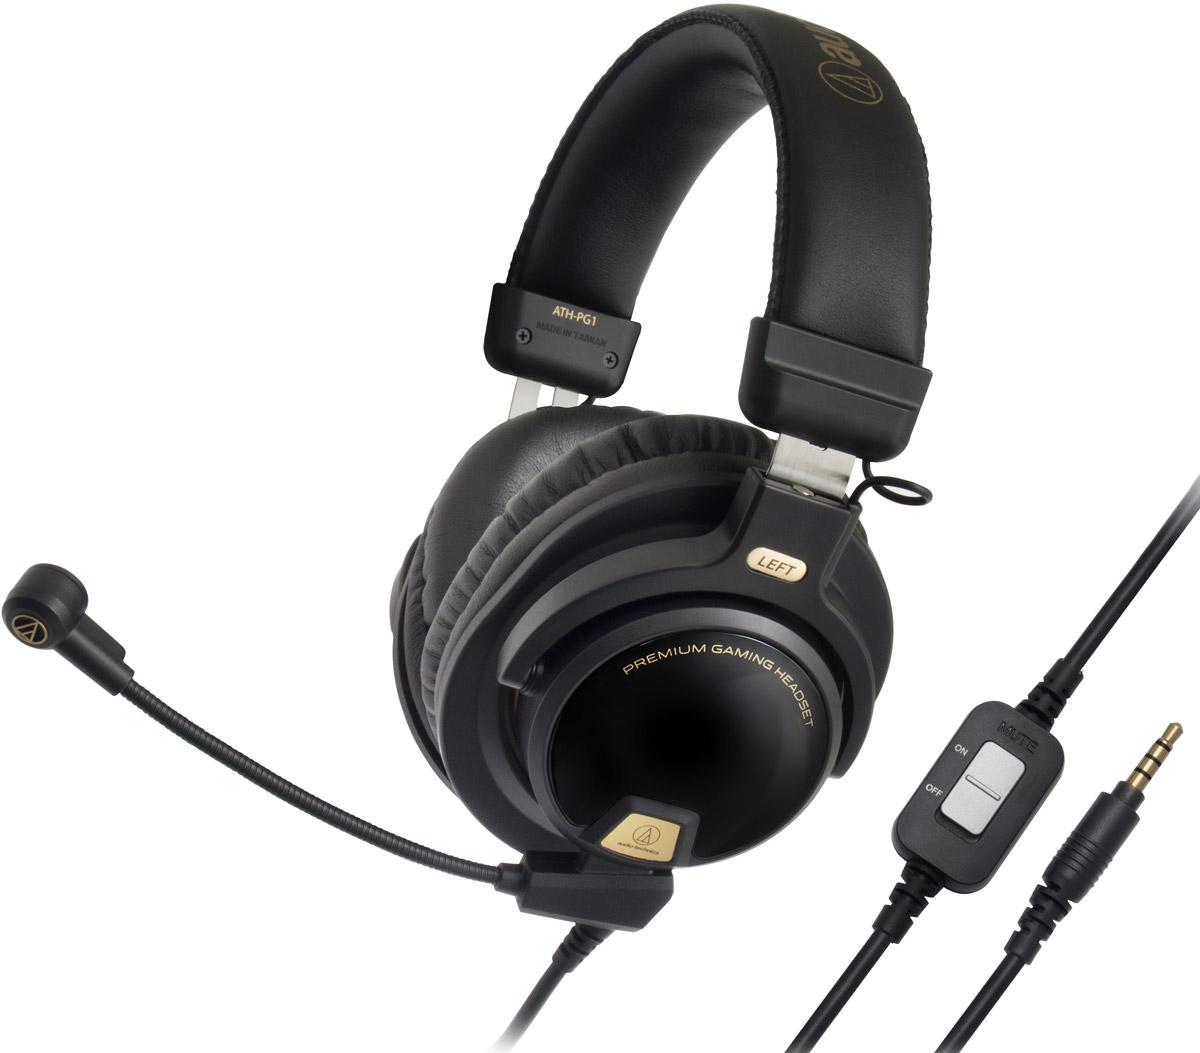 Audio-Technica ATH-PG1 игровые наушники15118120Audio-Technica ATH-PG1 – домашняя гарнитура закрытого типа для компьютерных игр, телефонии и прослушивания музыки. Большие 44-мм драйверы обеспечивают мощный, живой звук и подчеркивают каждую акустическую деталь игрового окружения. Гарнитура изготовлена из легких материалов, она имеет мягкие кожаные оголовье и амбушюры, что позволяет комфортно играть длительное время. ATH-PG1 имеет съёмный кабель, в комплекте идут три шнура, в том числе с микрофонами для смартфонов и для игр. Игровой микрофон выполнен на гибкой ножке и сочетается с функцией отключения звука и управления громкостью. Кристально чистая голосовая связь обеспечена!Живой звукМягкая кожа и лёгкие материалы обеспечивают комфорт и свободу в использованииУзконаправленный микрофон на гибкой ножкеФункция отключения звука и управления громкостью микрофонаКак выбрать игровые наушники. Статья OZON Гид